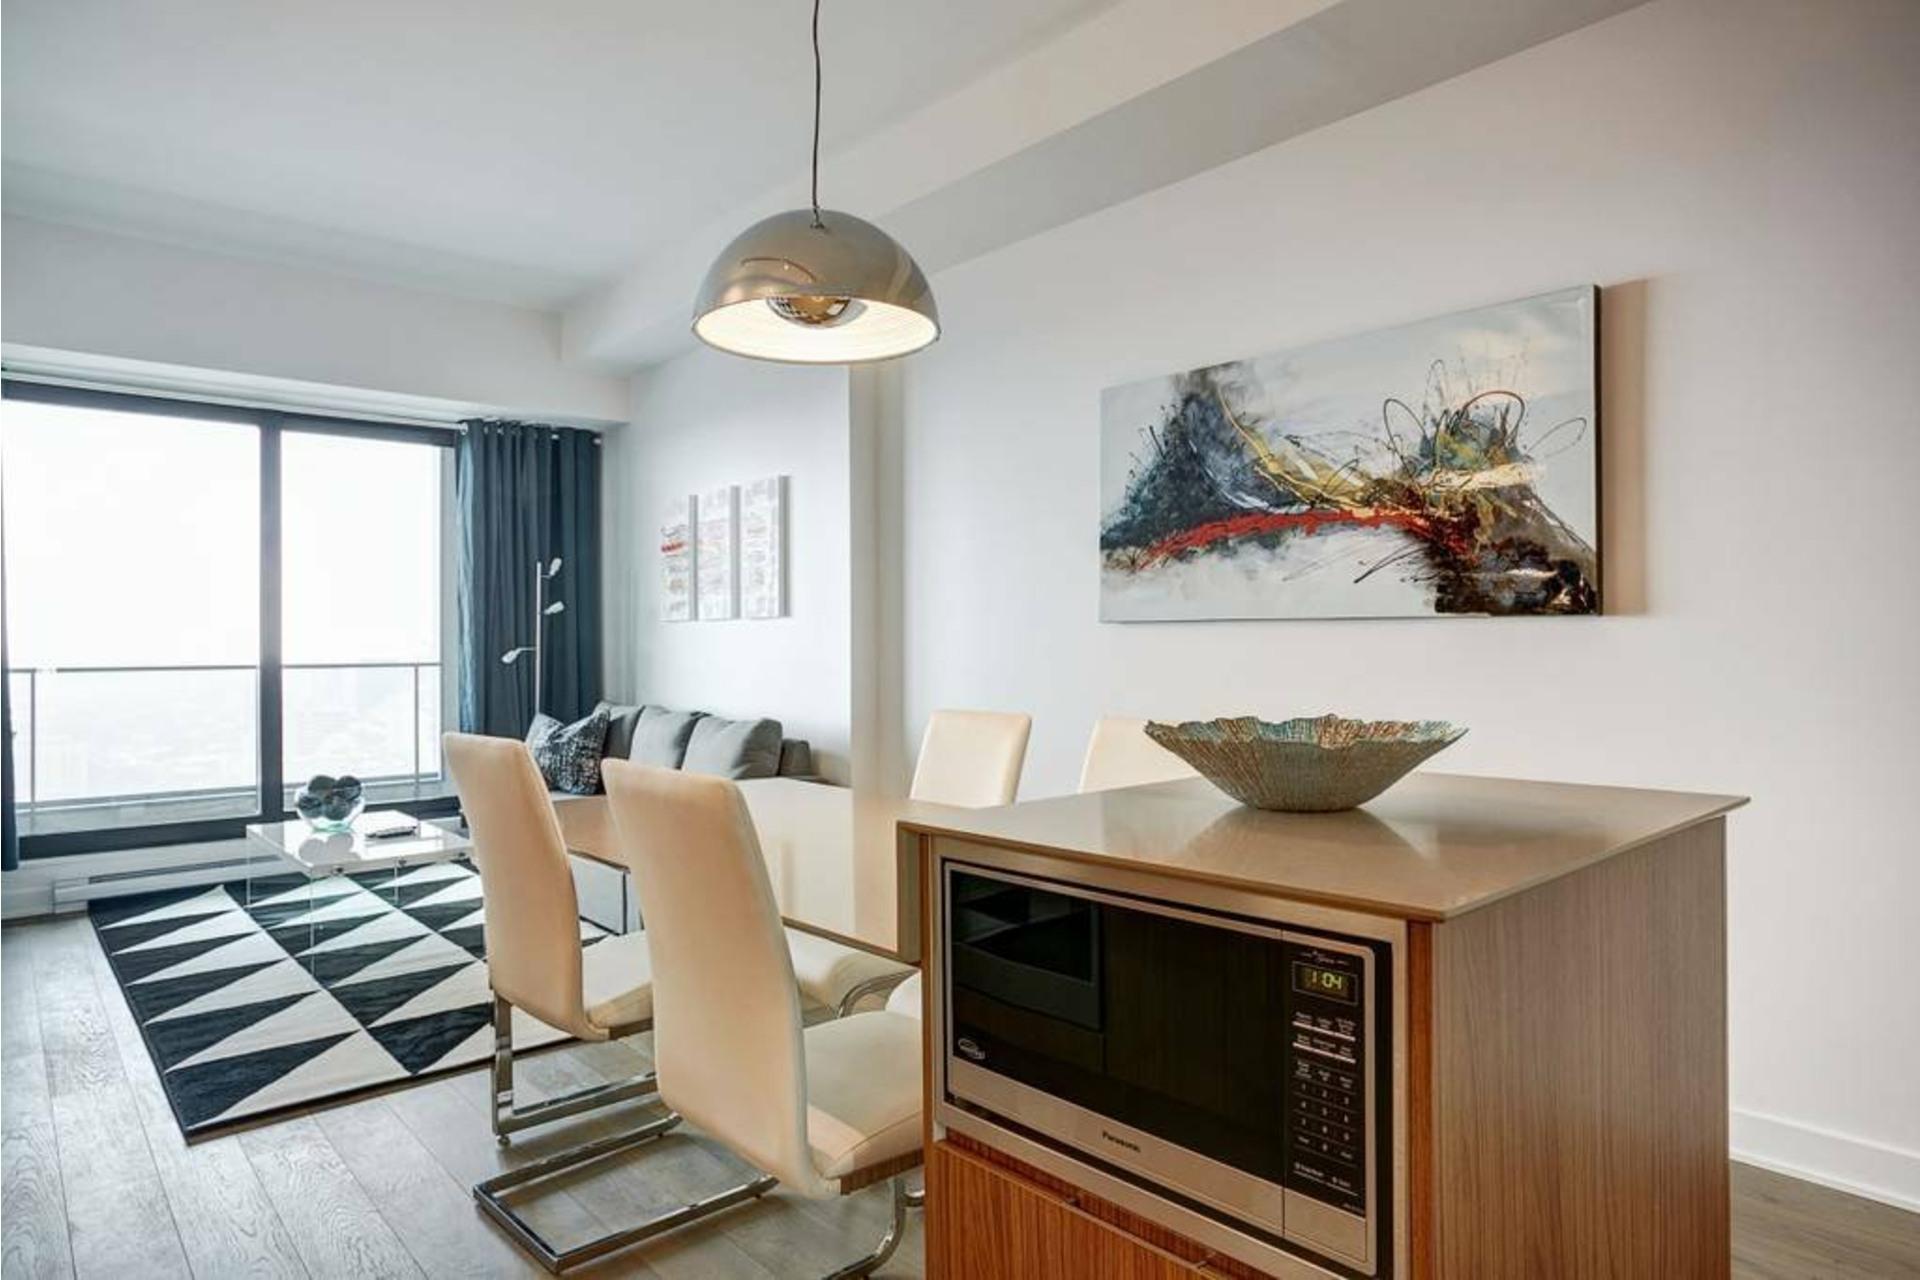 image 7 - Appartement À louer Ville-Marie Montréal  - 4 pièces